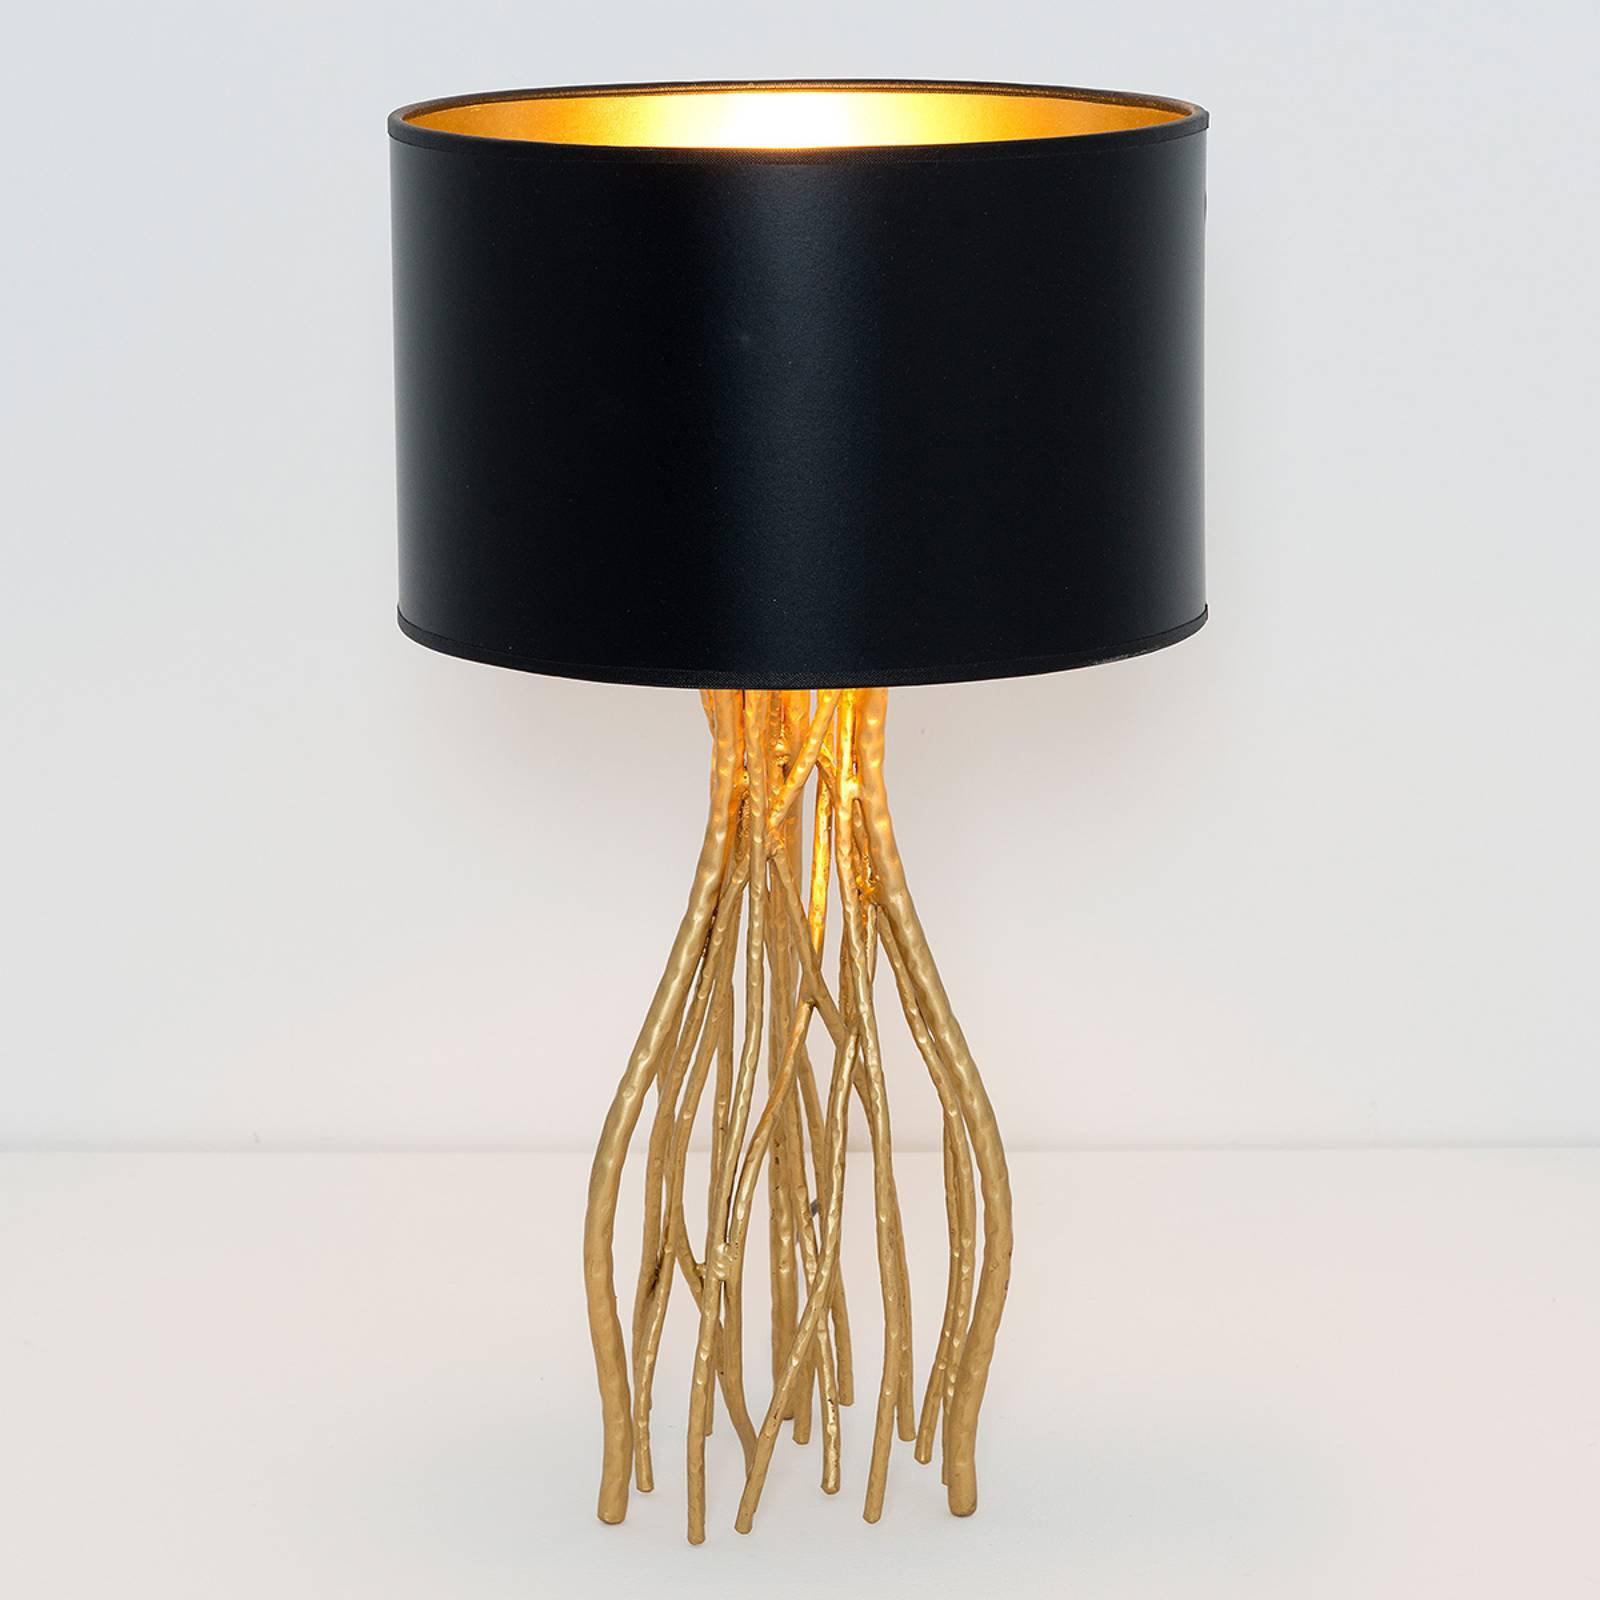 Svart bordlampe Capri, rund, høyde 44 cm